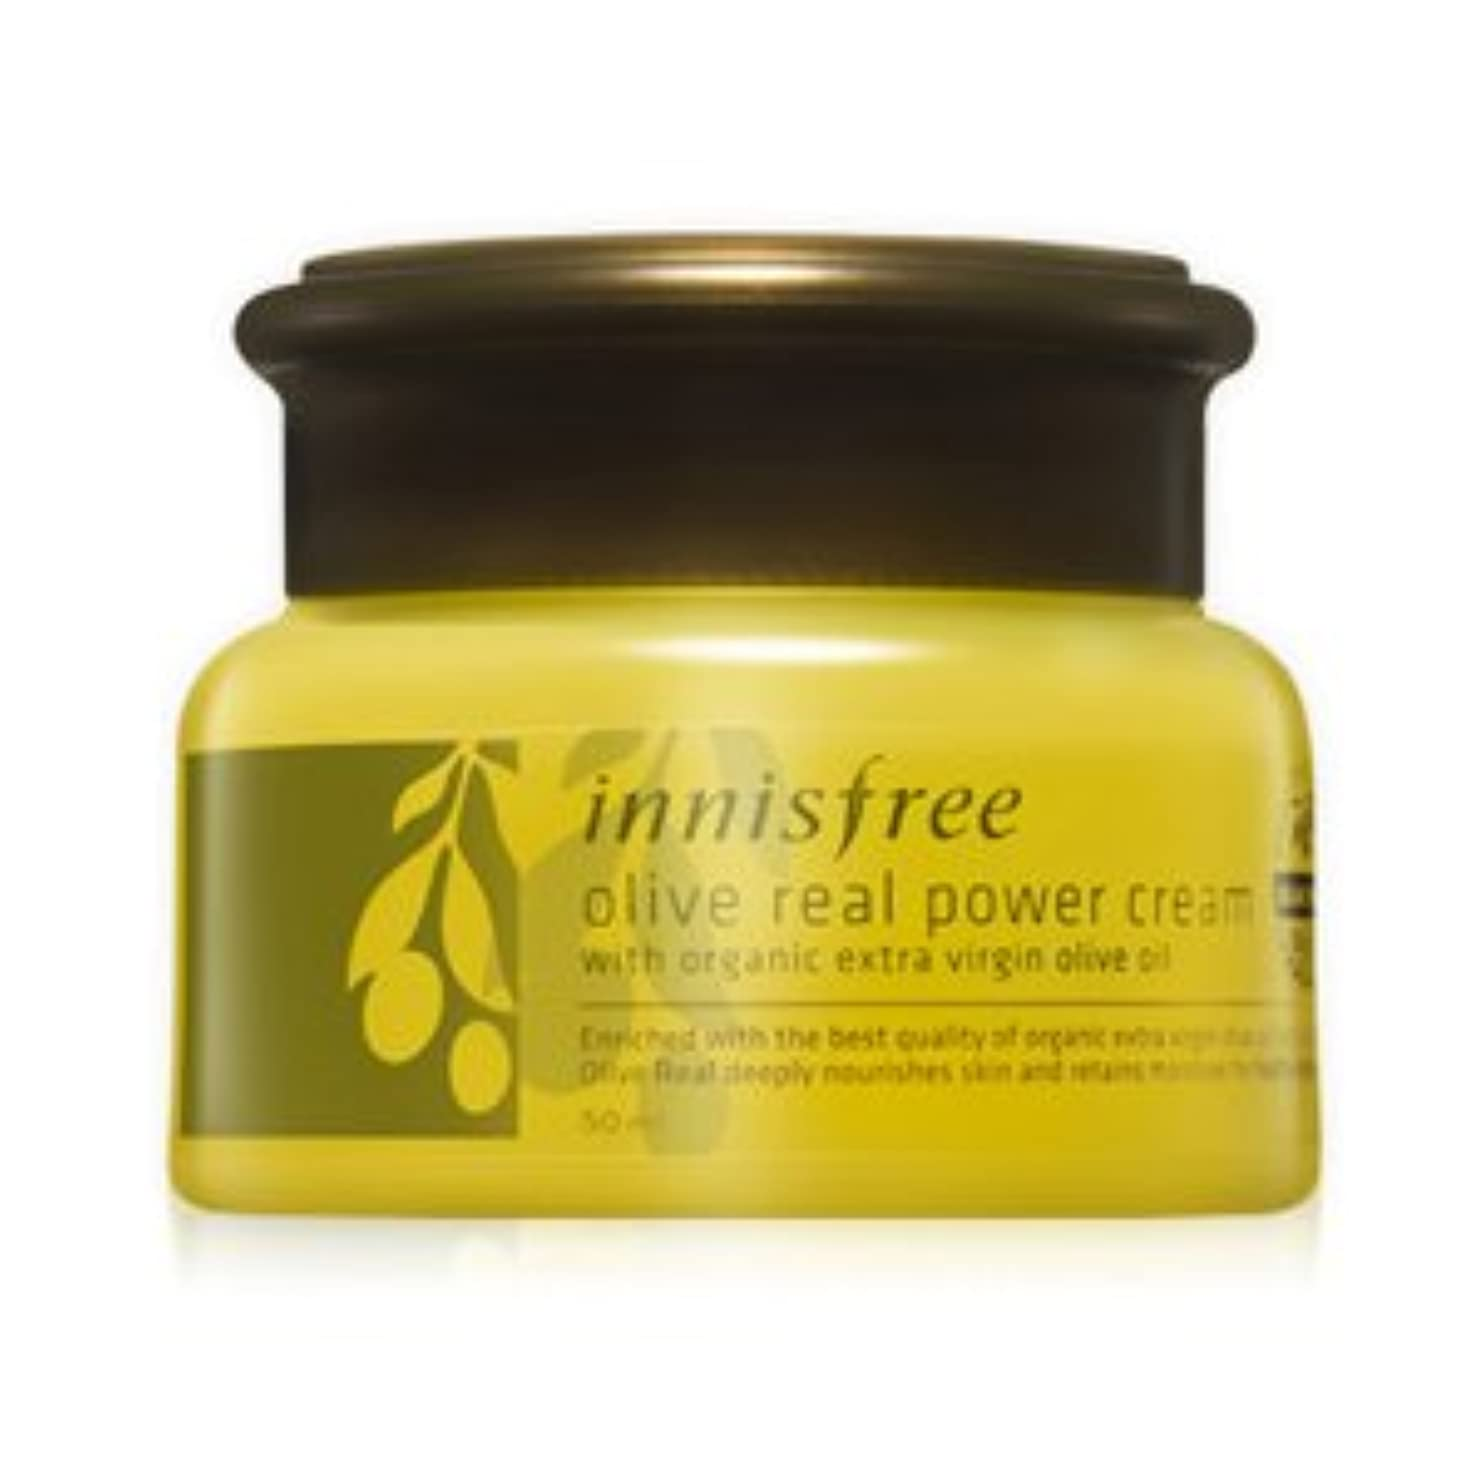 虫立場ウェブinnisfree(イニスフリー) 強力保湿 オリーブ リアル パワー クリーム 艶やかな肌 50ml